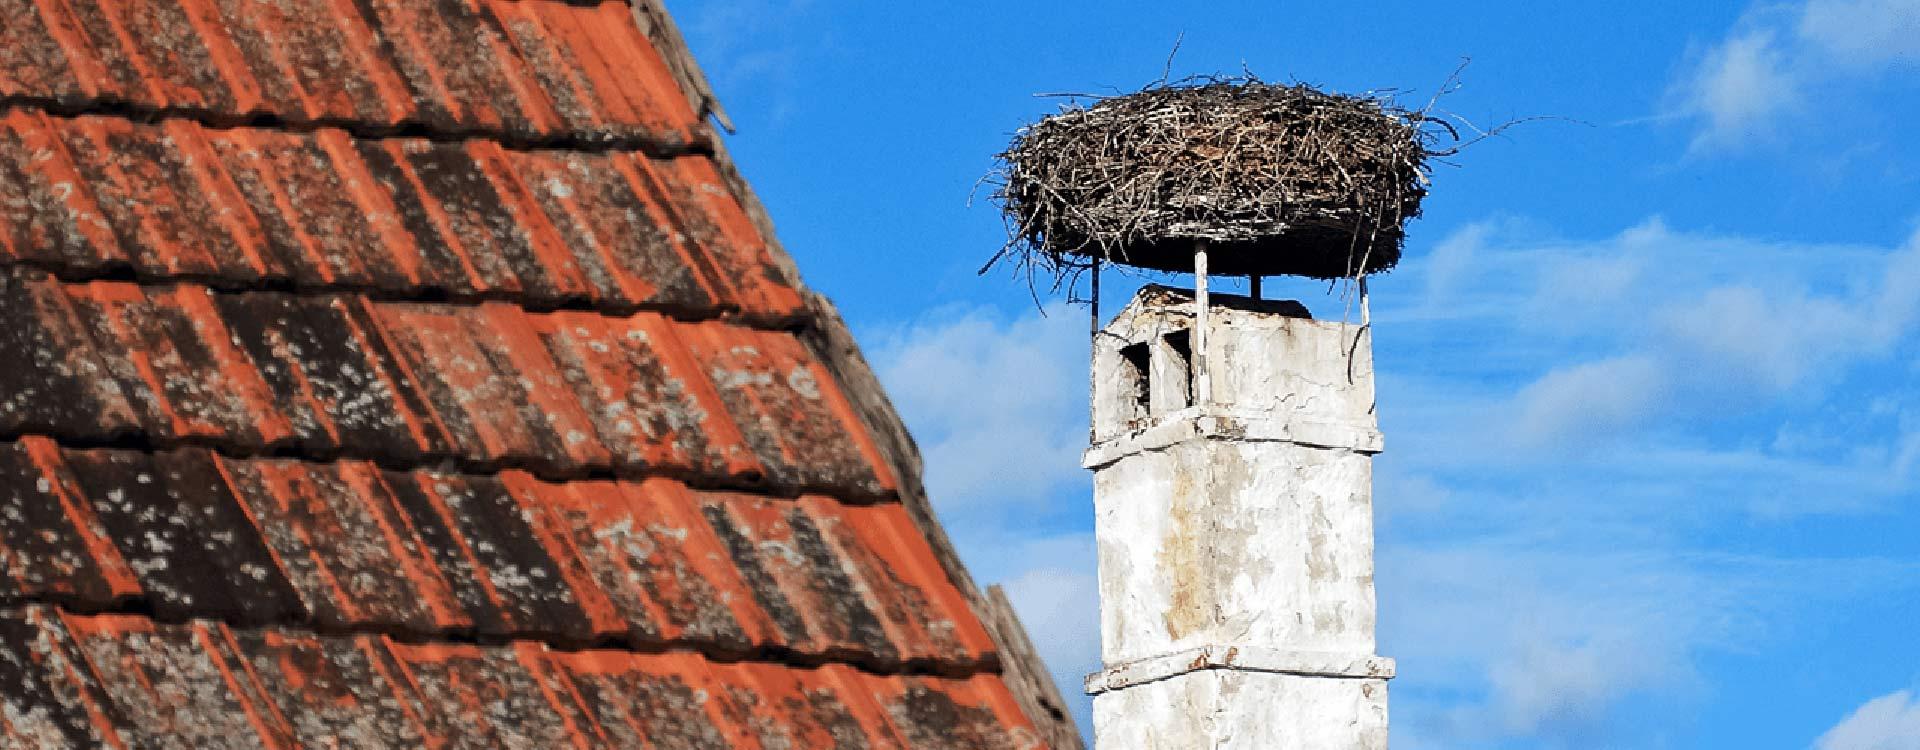 Bird Nest Removal Ware Hertford Amp Stanstead Archway